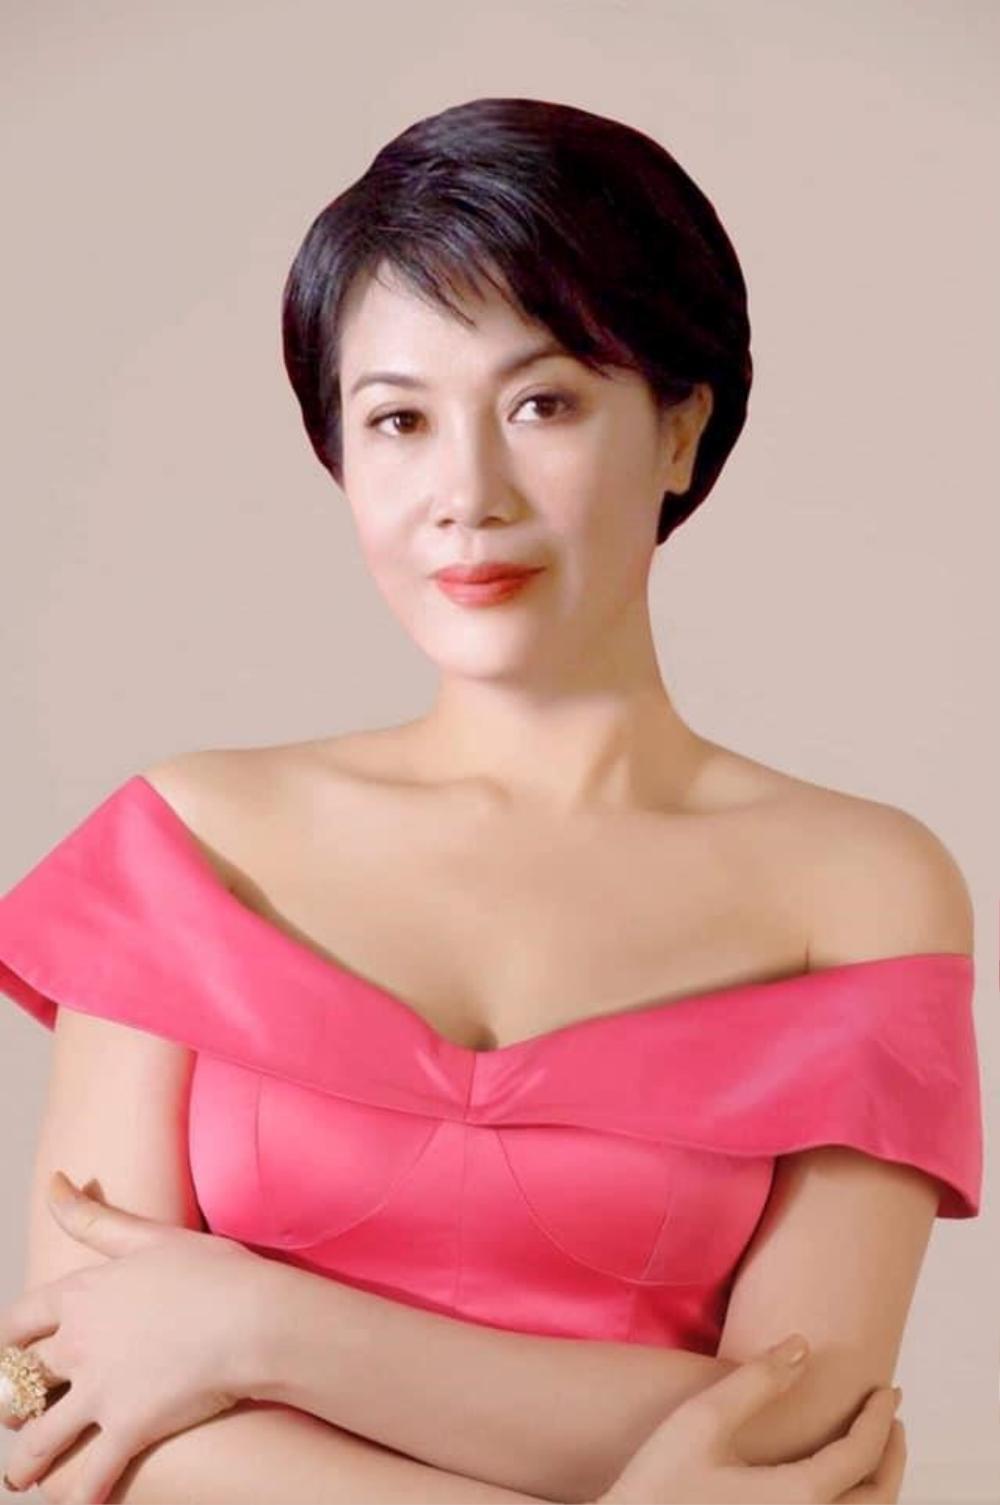 Trưởng Ban giám khảo Miss Charm: 'Cho phép phẫu thuật thẩm mỹ để tránh bỏ phí những nhan sắc nổi bật' Ảnh 3